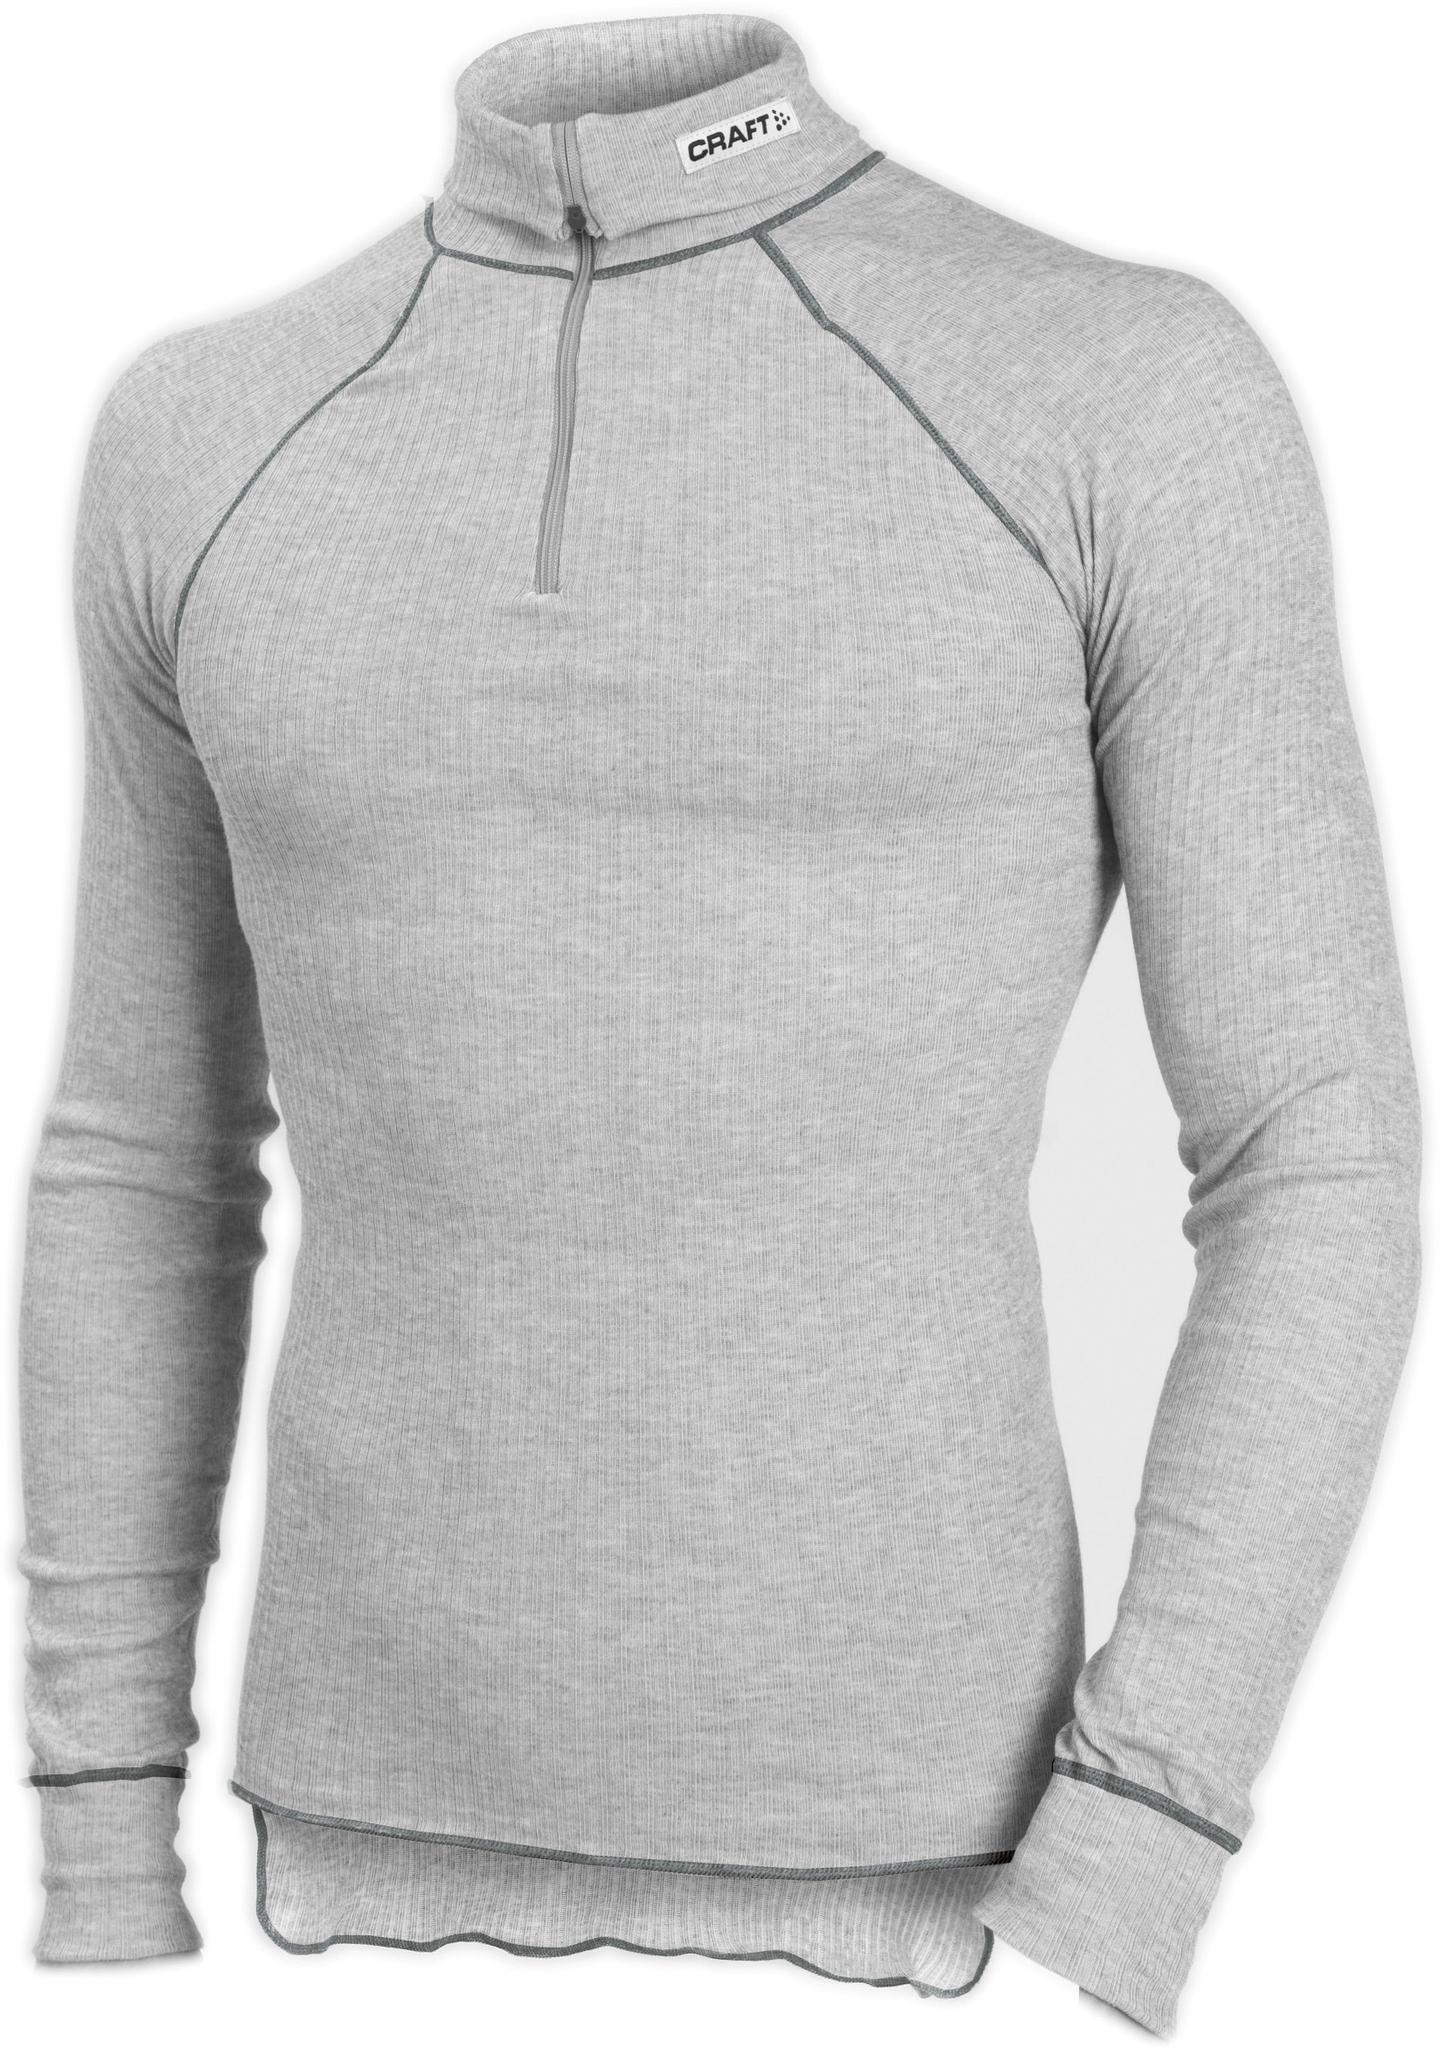 Мужское термобелье рубашка Craft Active Zip grey  (194034-3950)